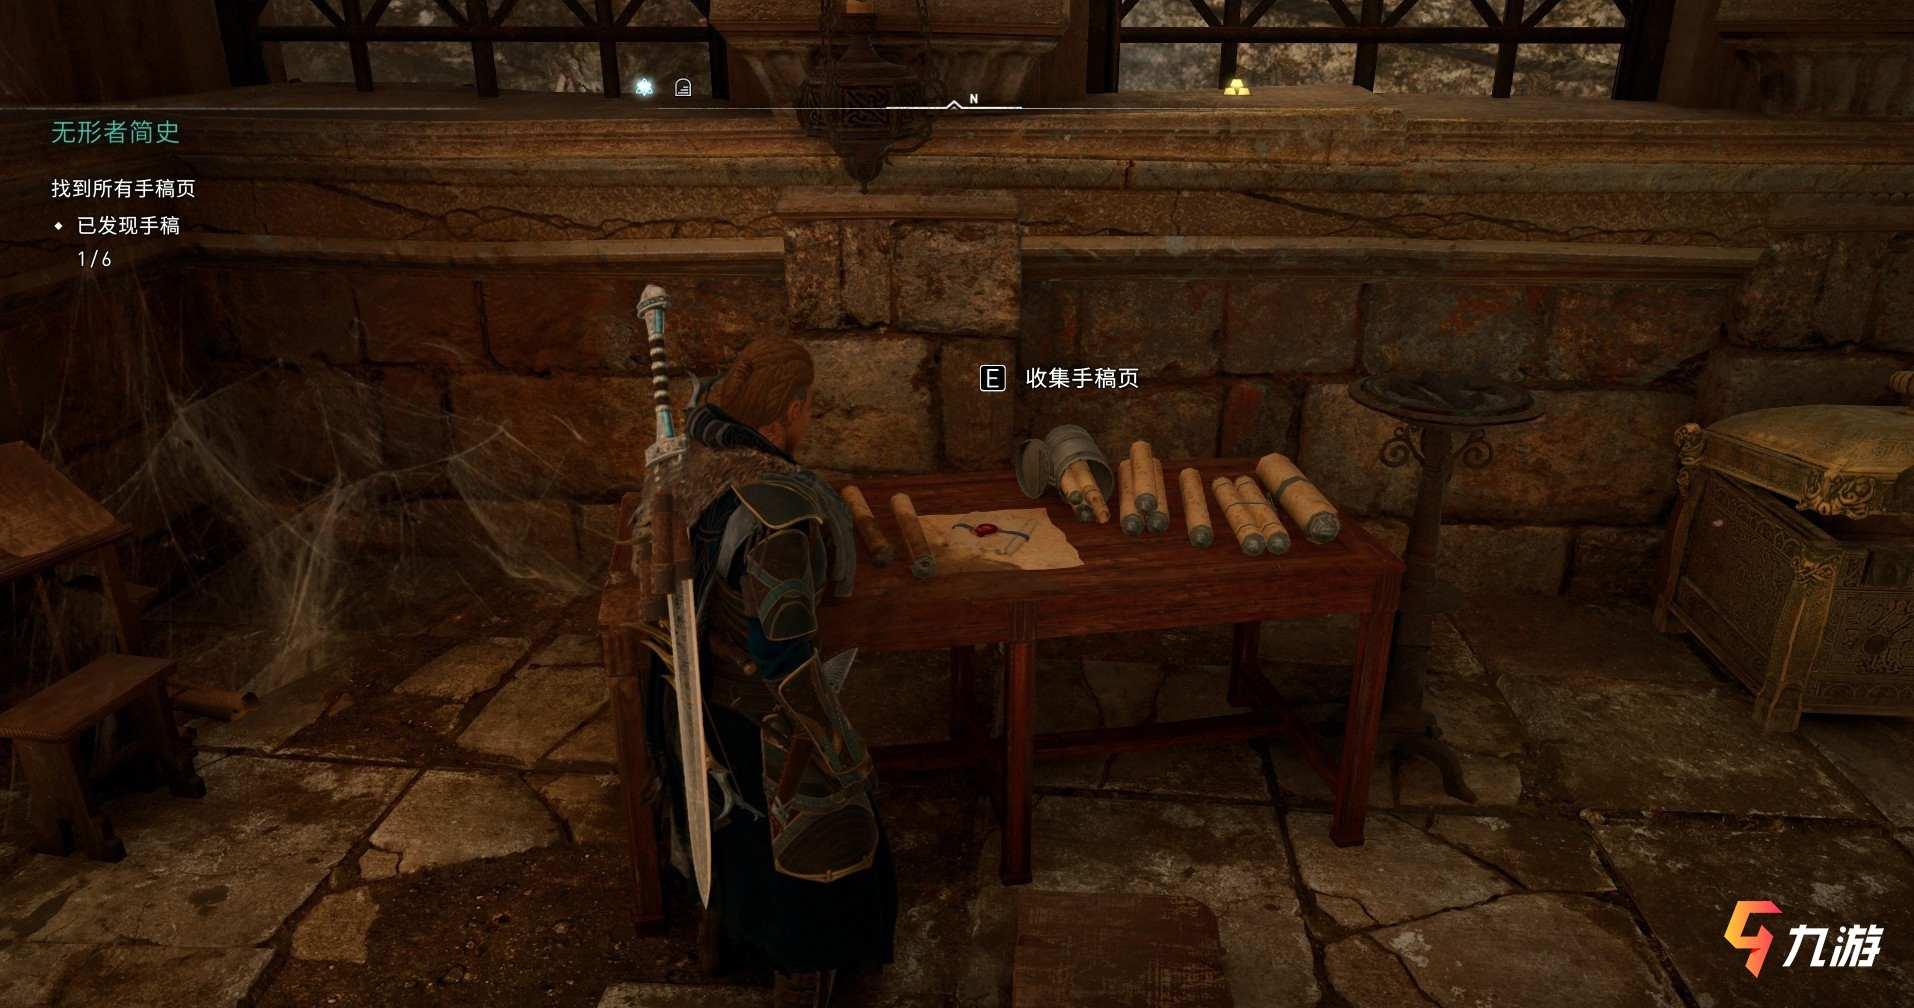 刺客信条英灵殿无形者手稿怎么获得 收集位置及方法